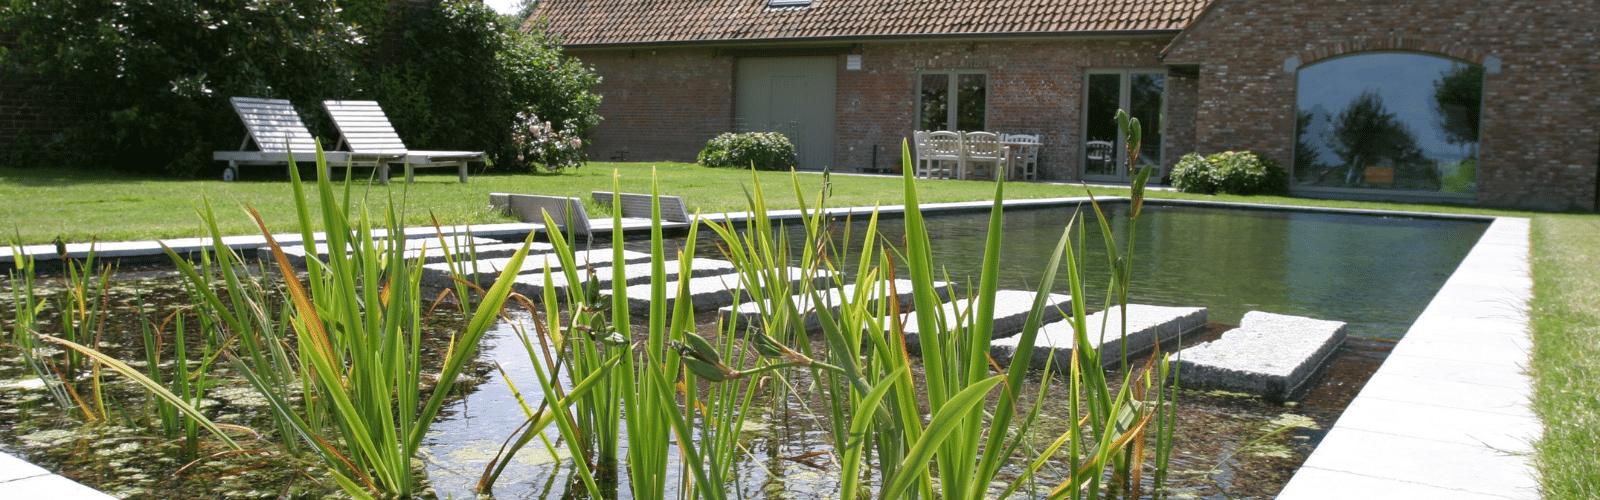 Ombouw zwembad naar zwemvijver